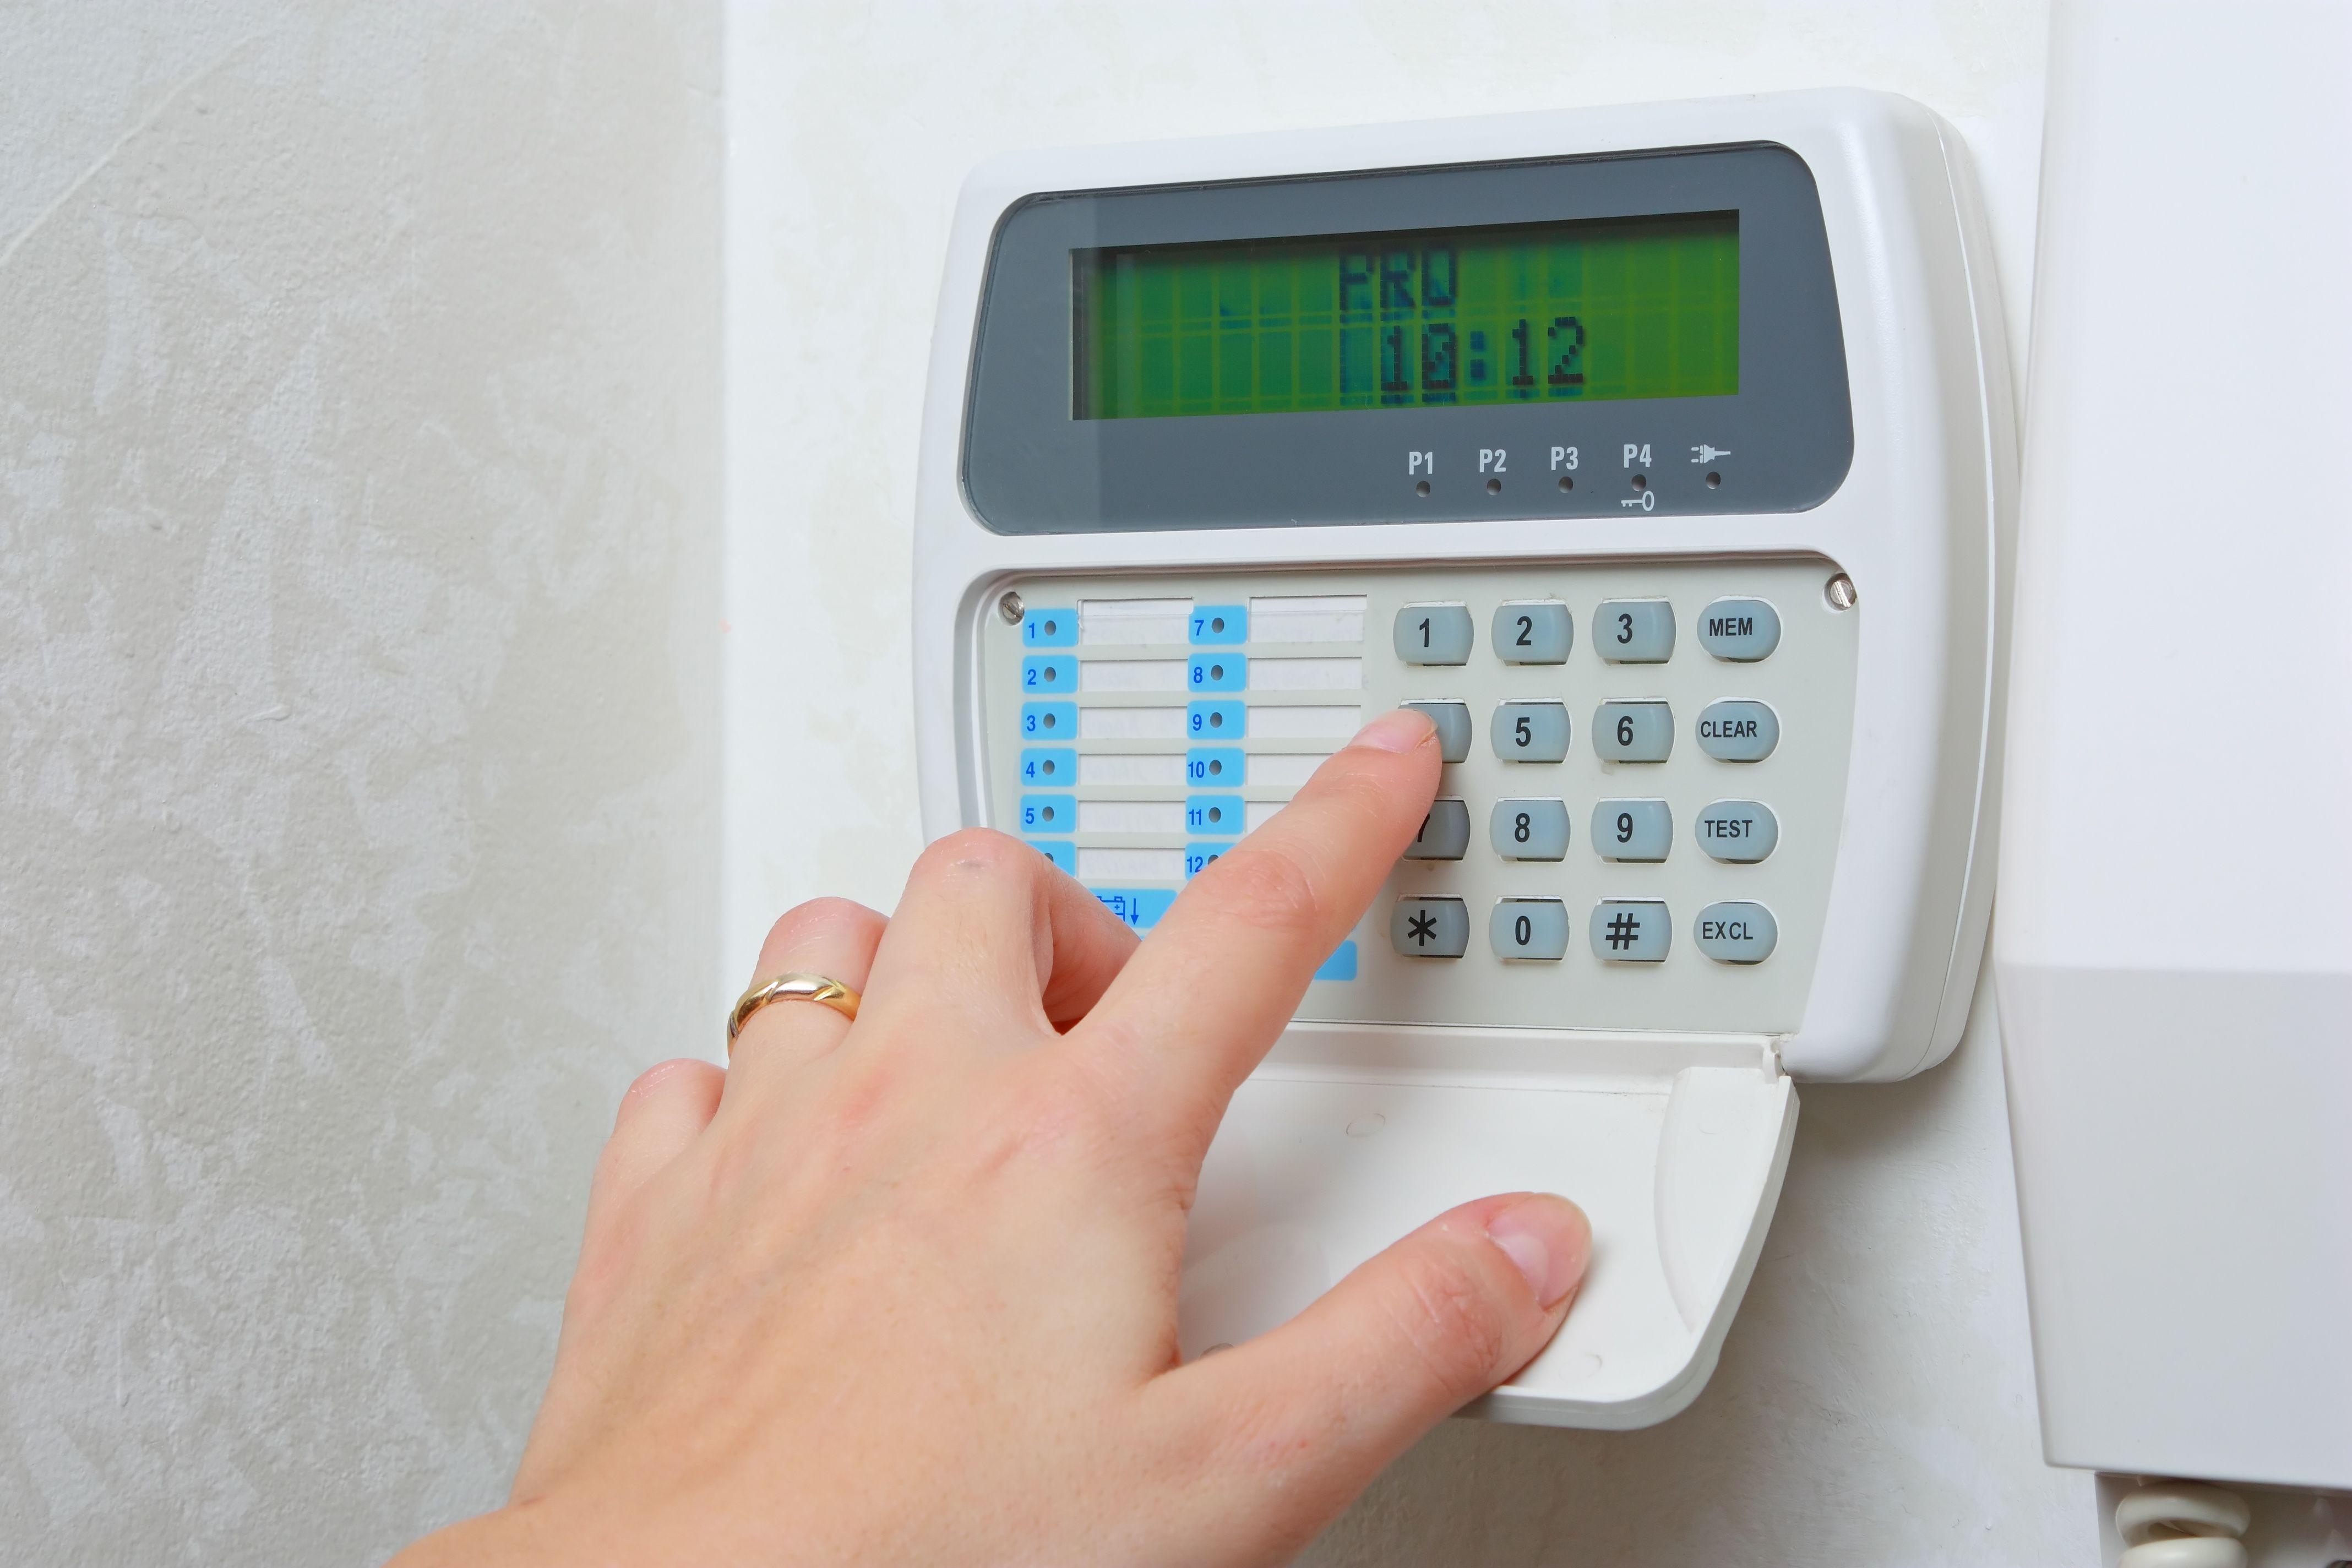 Cu nto cuesta instalar un sistema inteligente de alarmas for Cuanto cuesta contratar una alarma